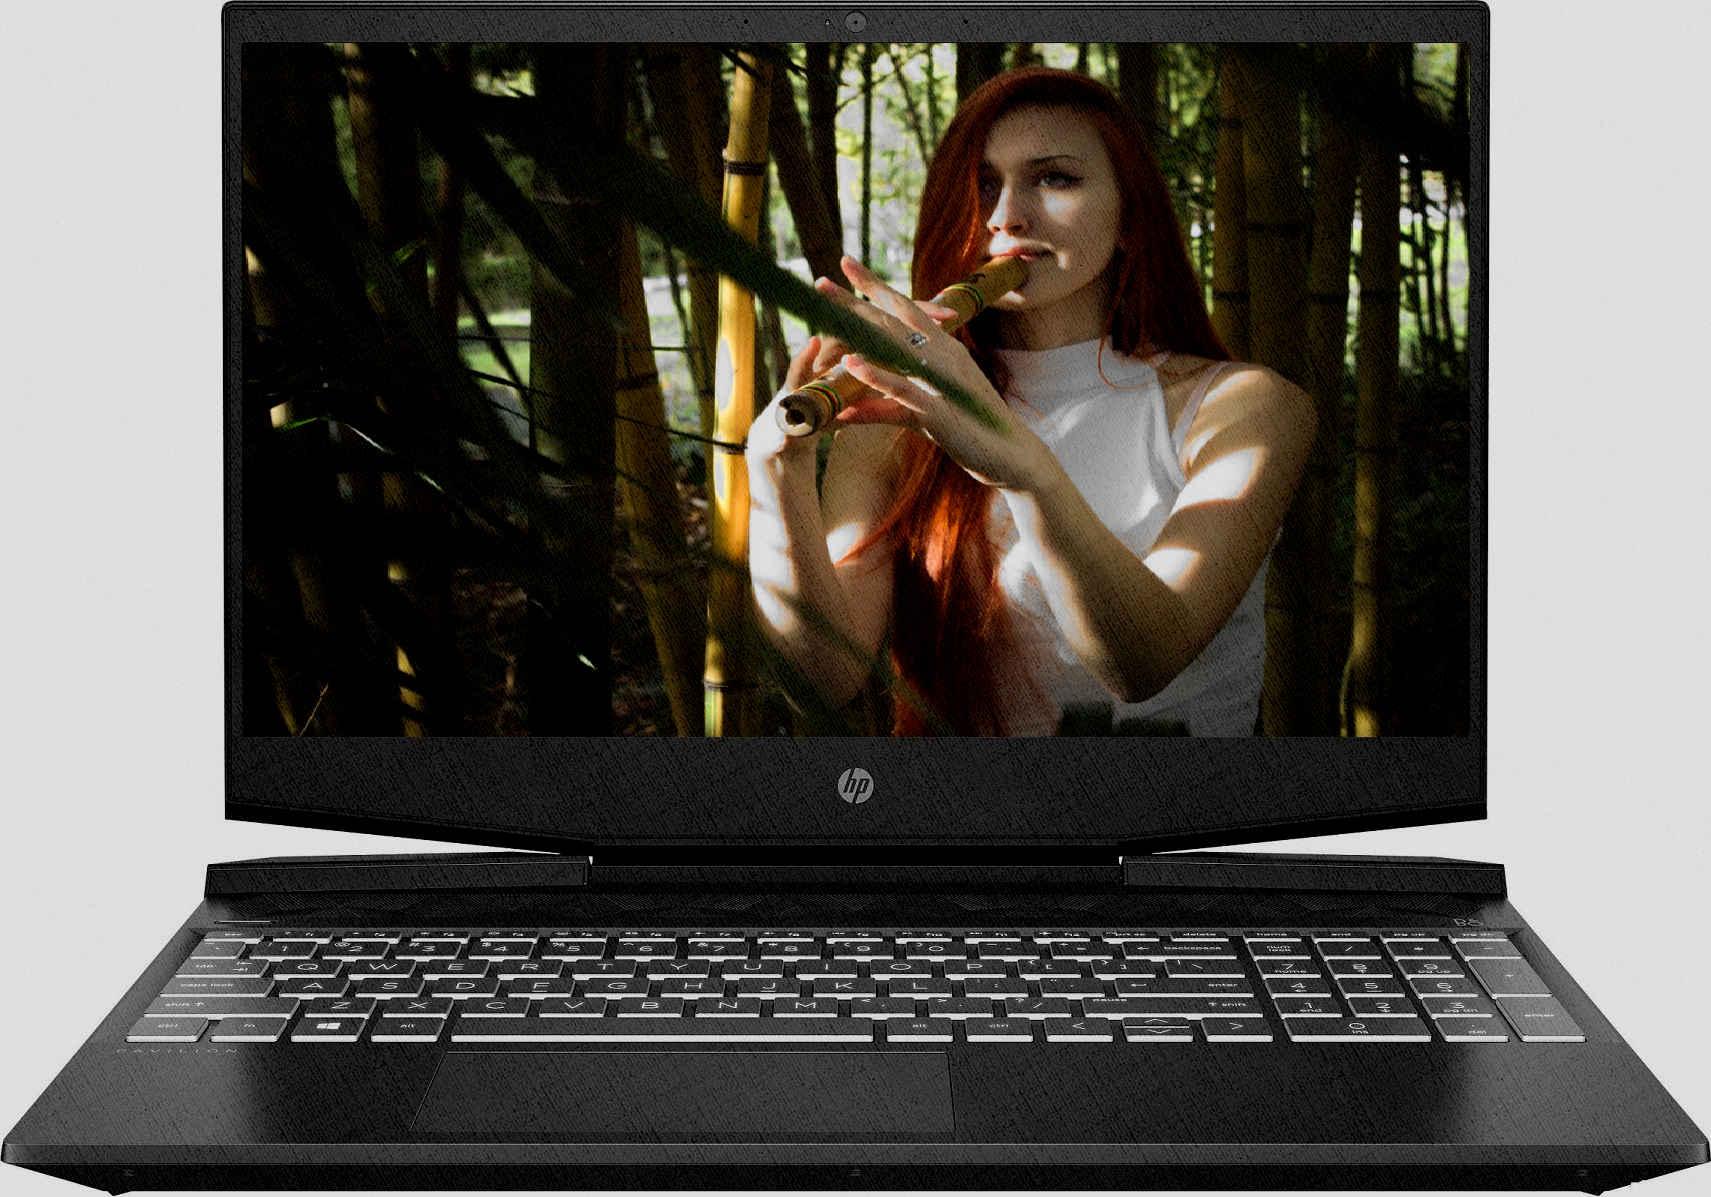 HP PAVILION 17-cd0000ur